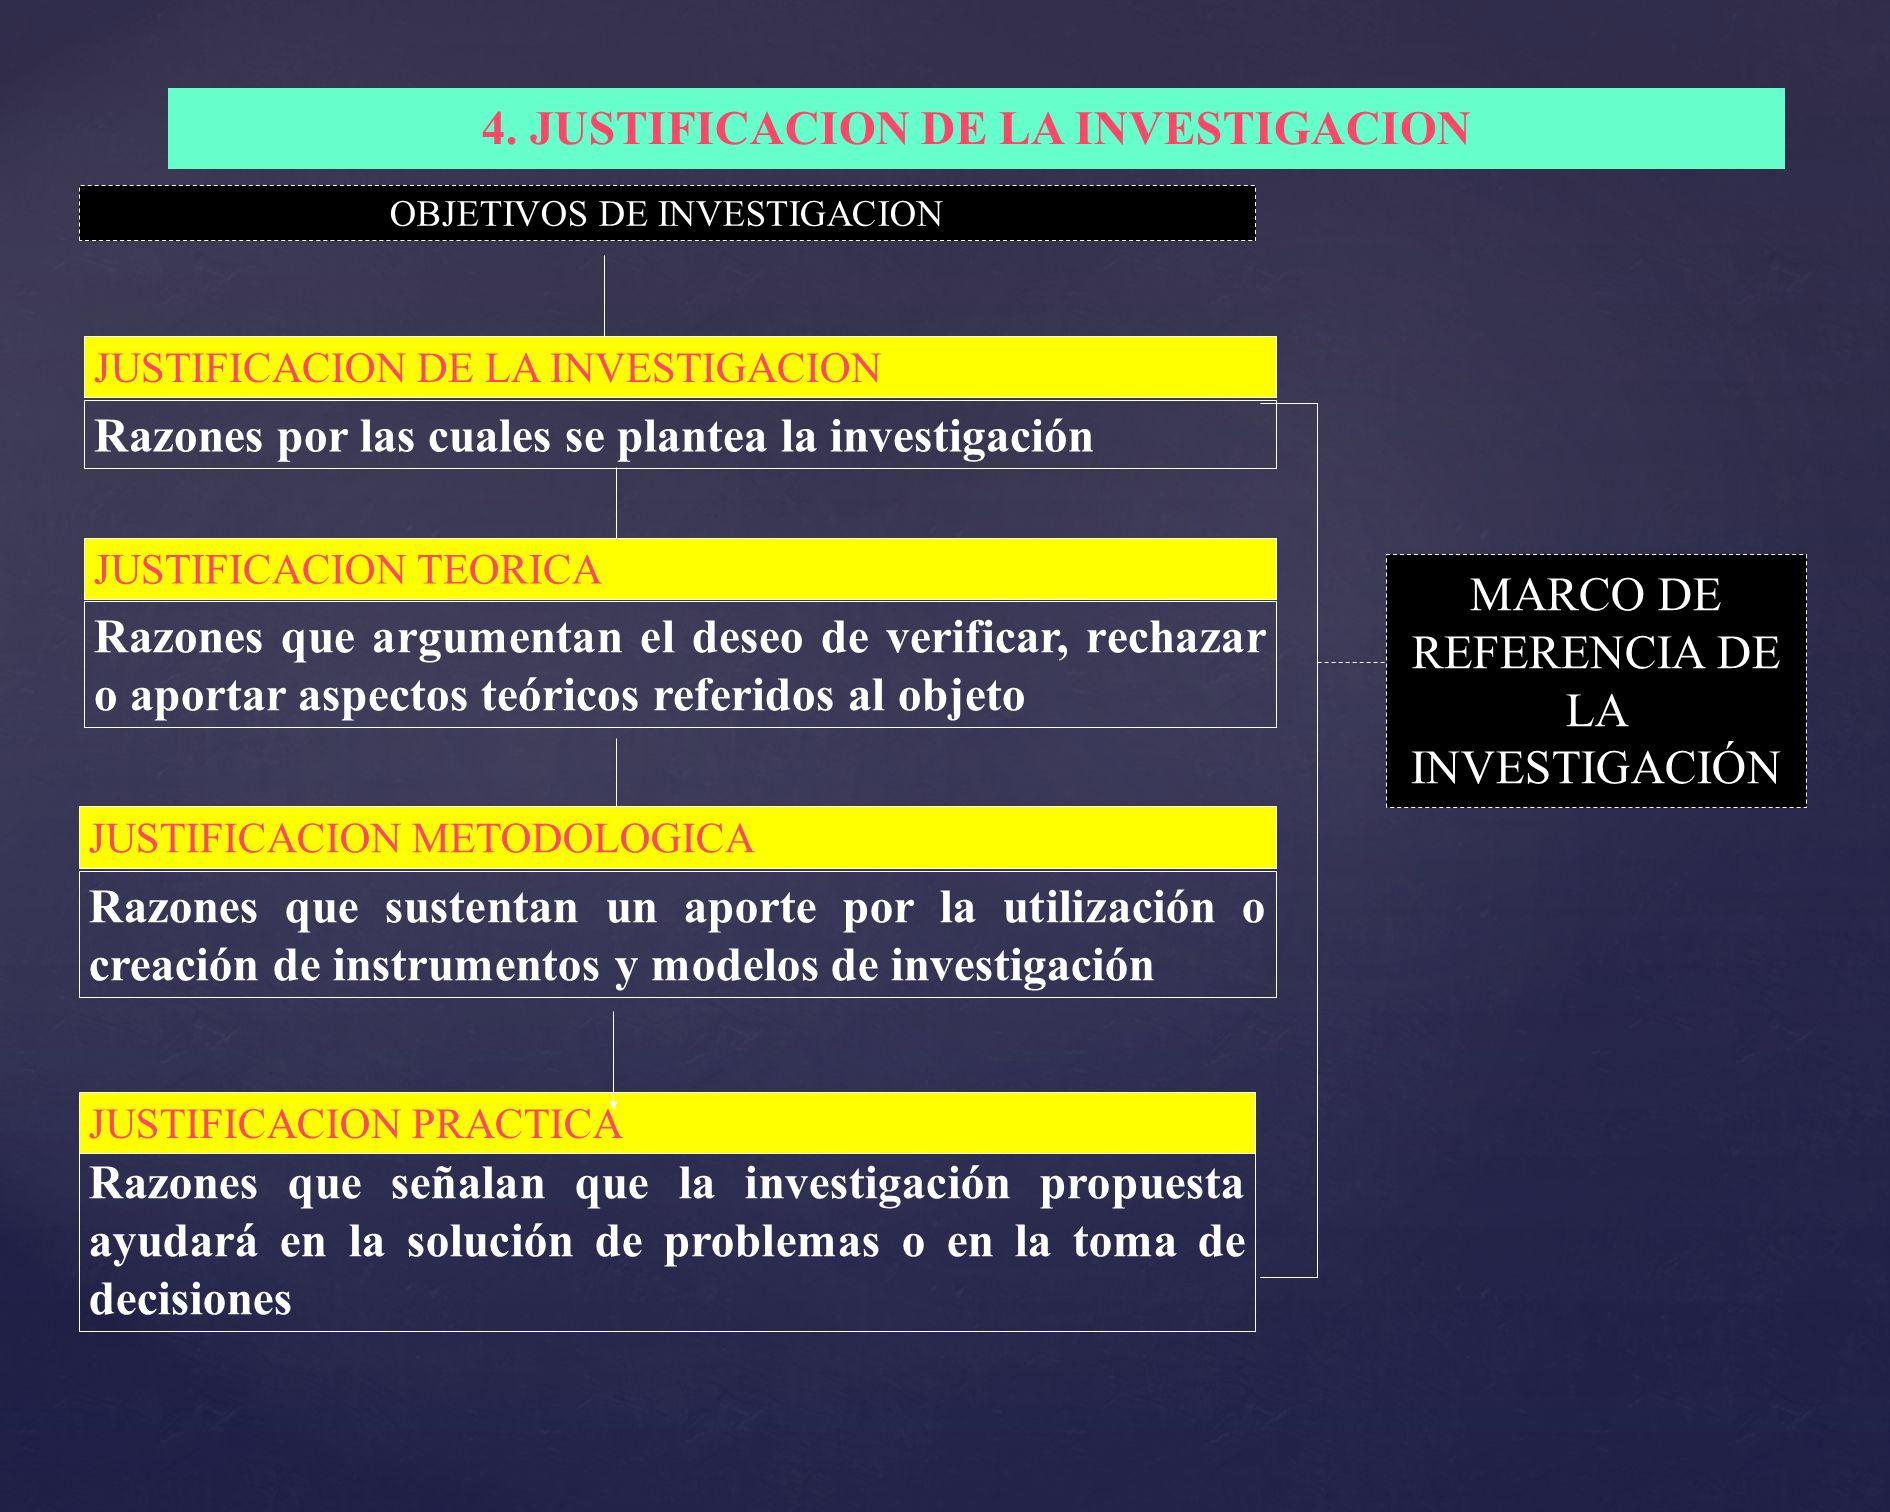 4. JUSTIFICACION DE LA INVESTIGACION